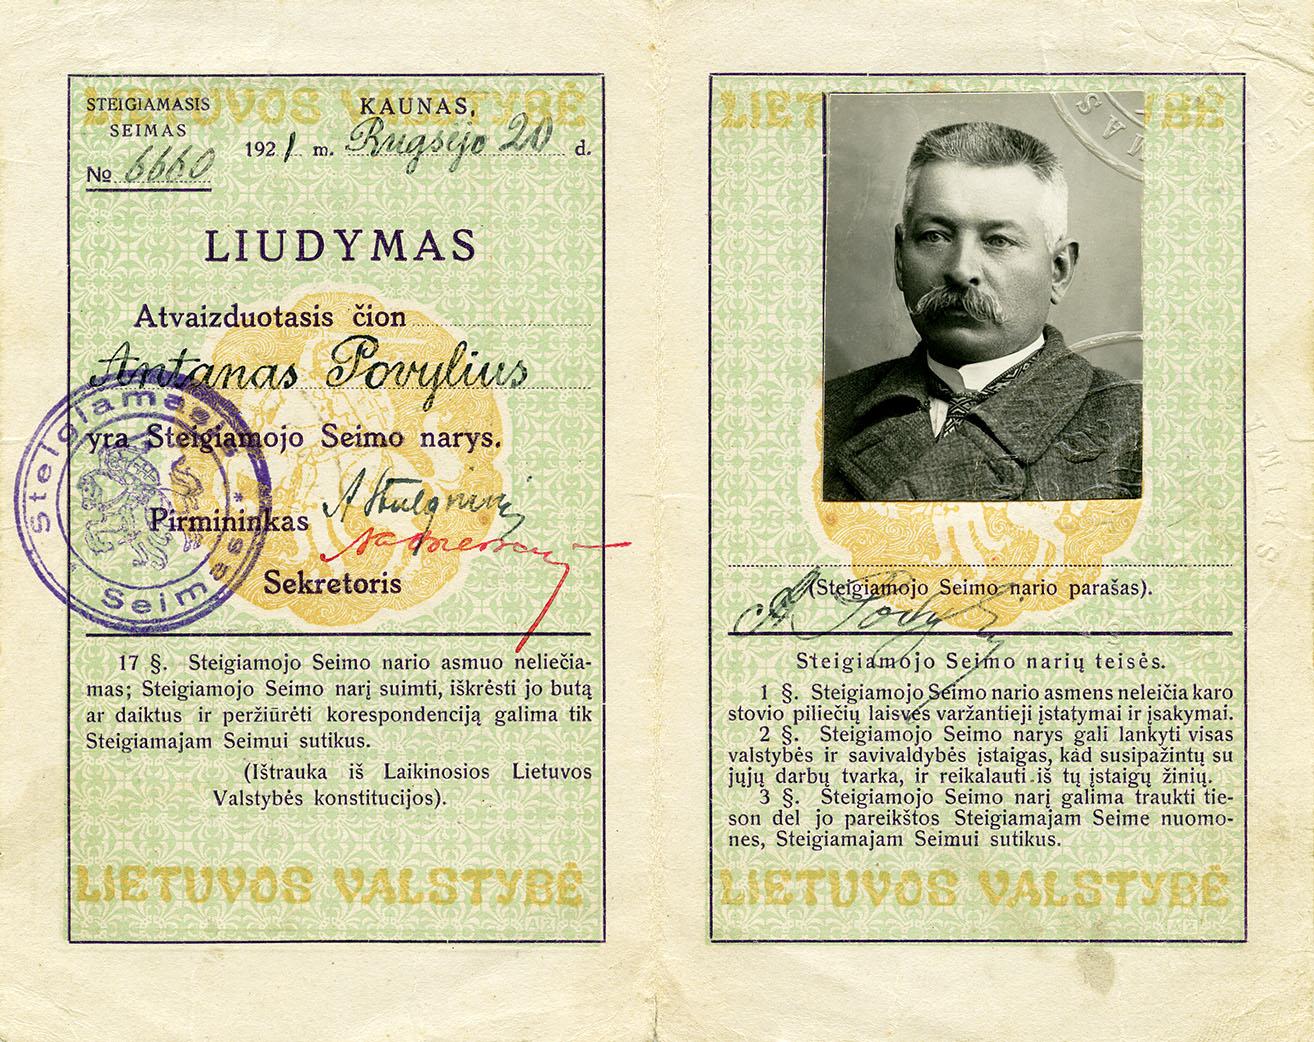 Steigiamojo Seimo narių autografų albumas | Lietuvos nacionalinio muziejaus nuotr.